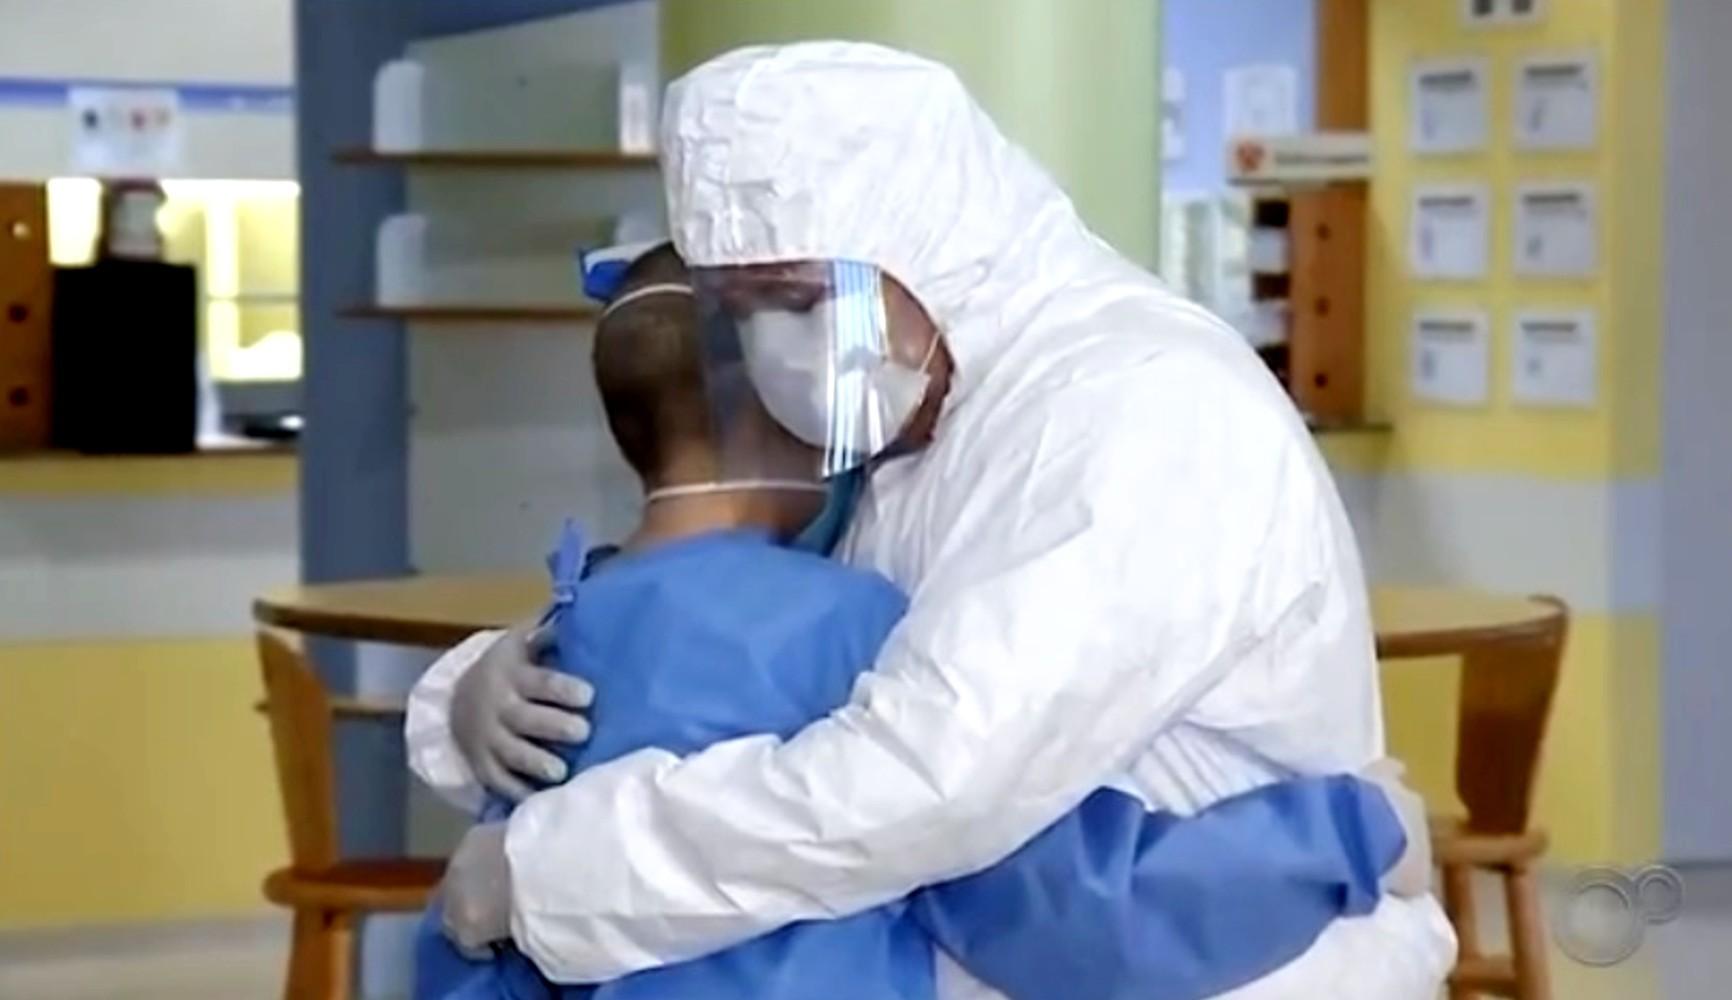 Menino de Manaus que faz tratamento de câncer no interior de SP reencontra pai após quase 4 meses; veja o vídeo